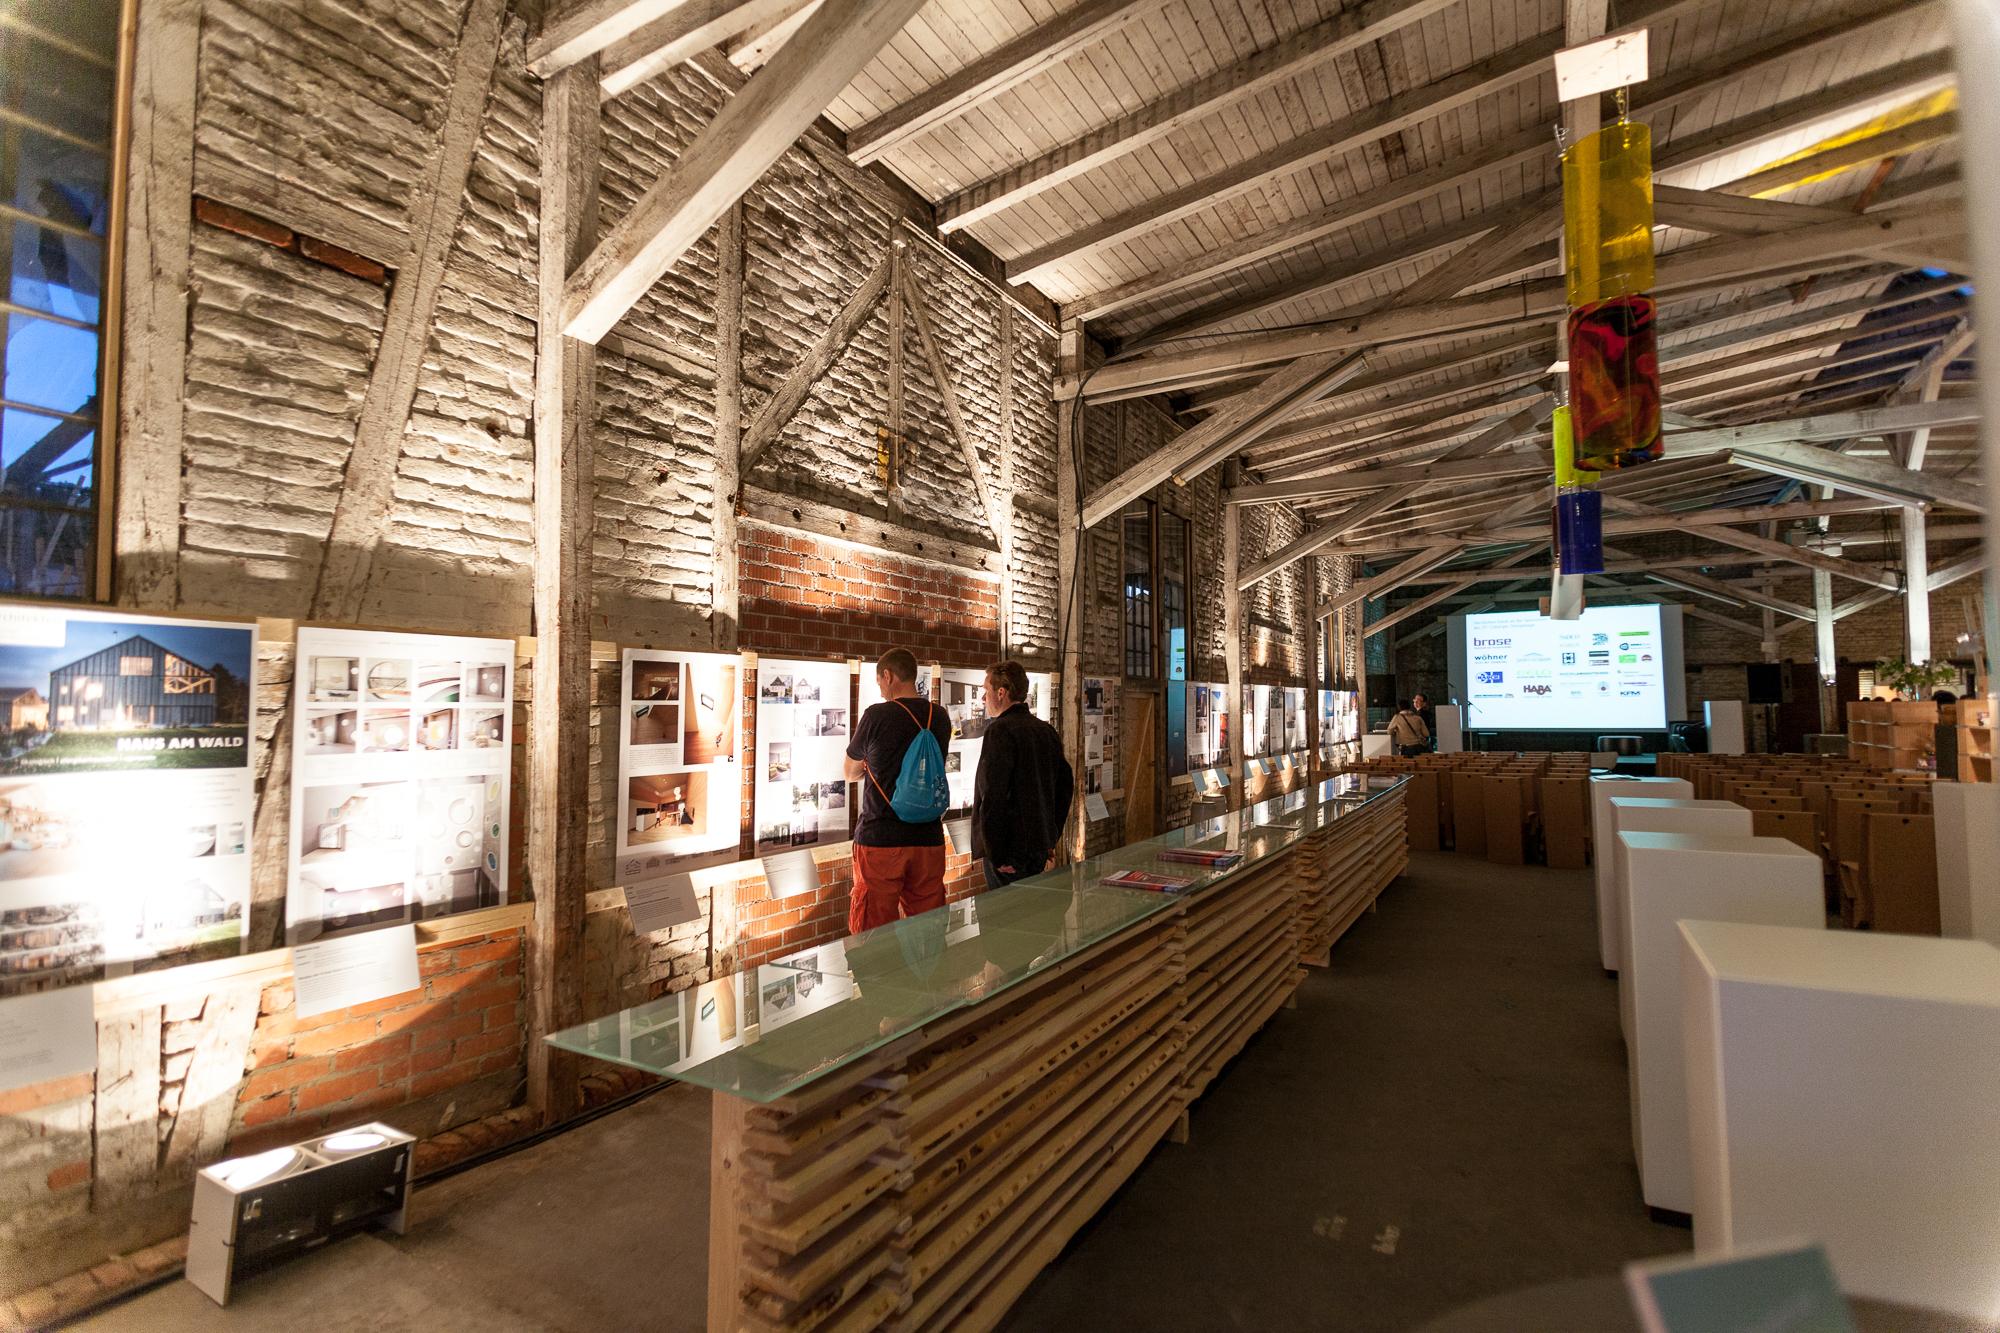 Ausstellung im alten Güterbahnhof